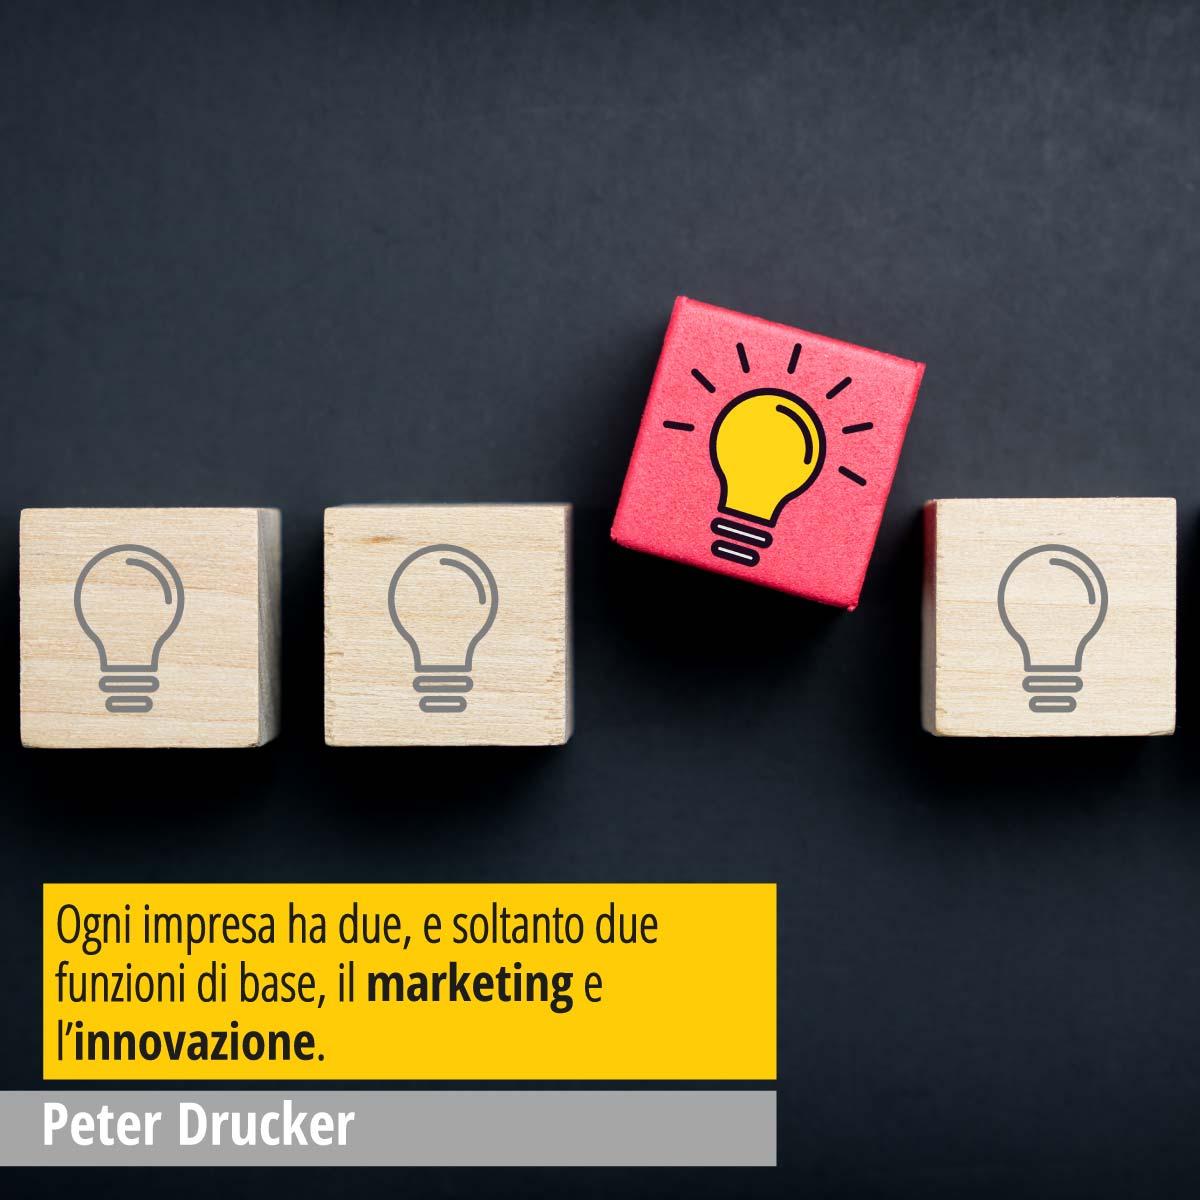 In Questa Immagine Una Citazione Del Grande Peter Drucker, Guru Mondiale Del Marketing